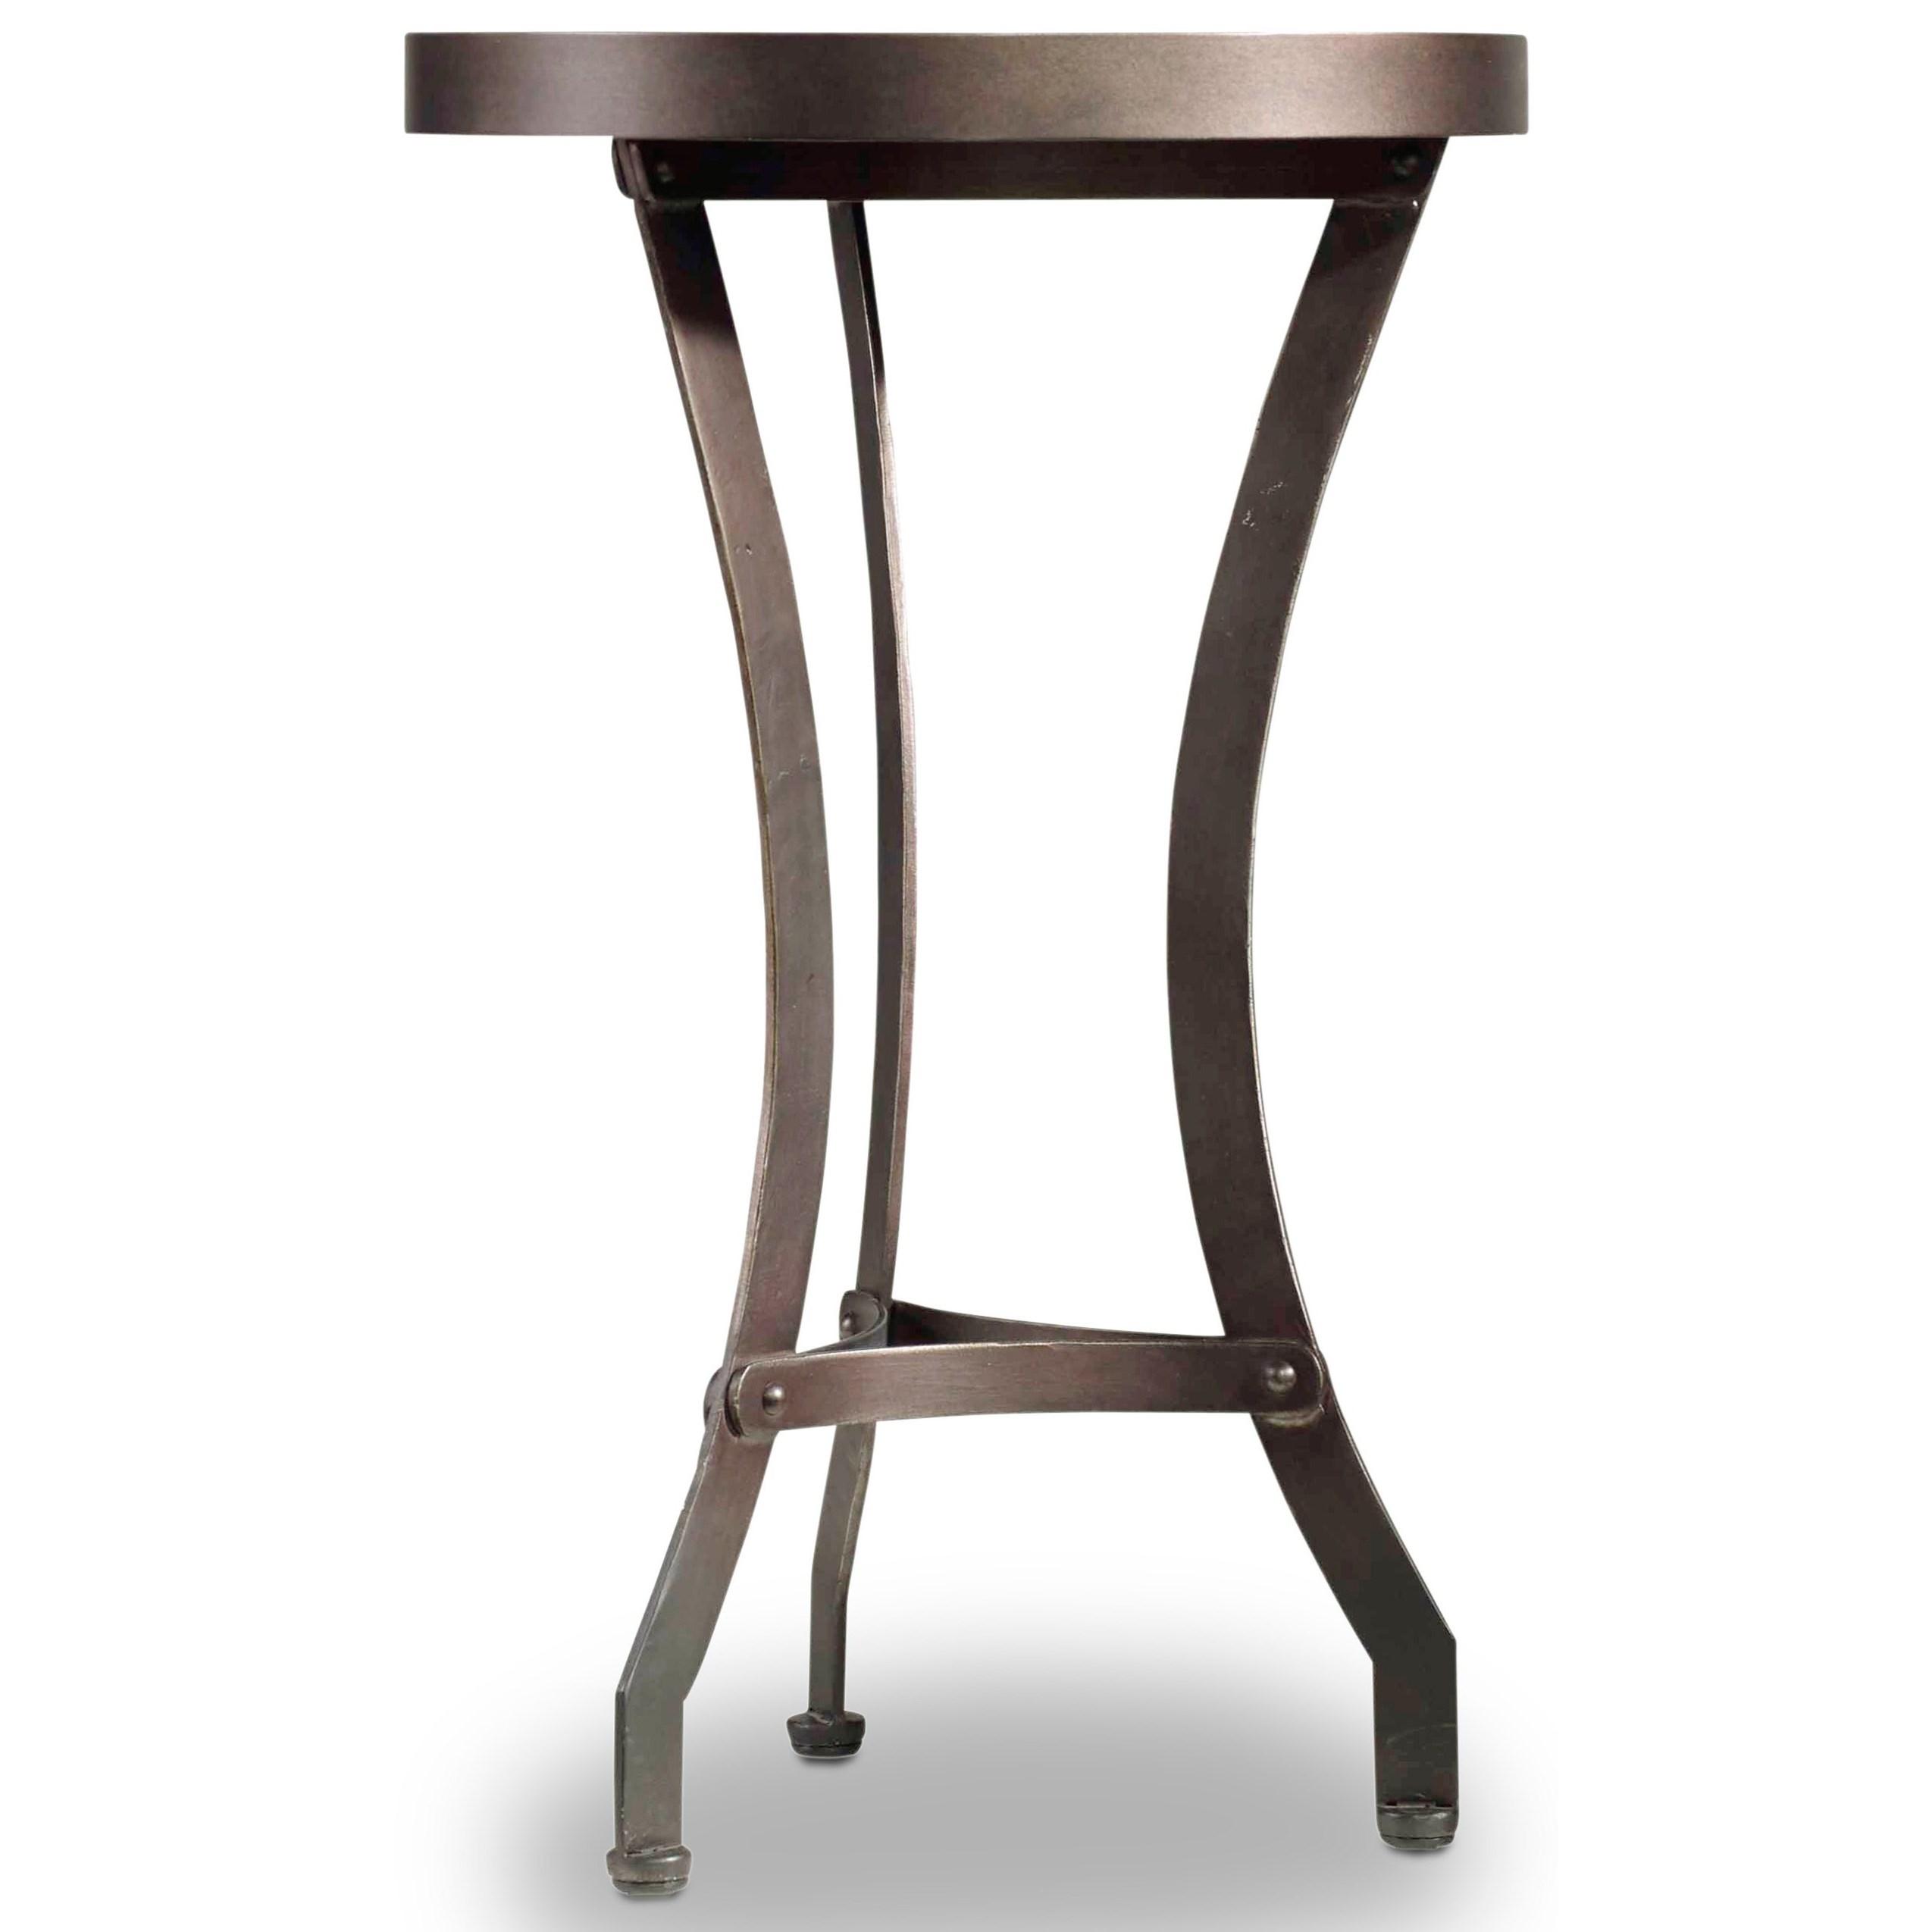 Hooker Furniture Saint Armand Martini Table - Item Number: 5601-50002